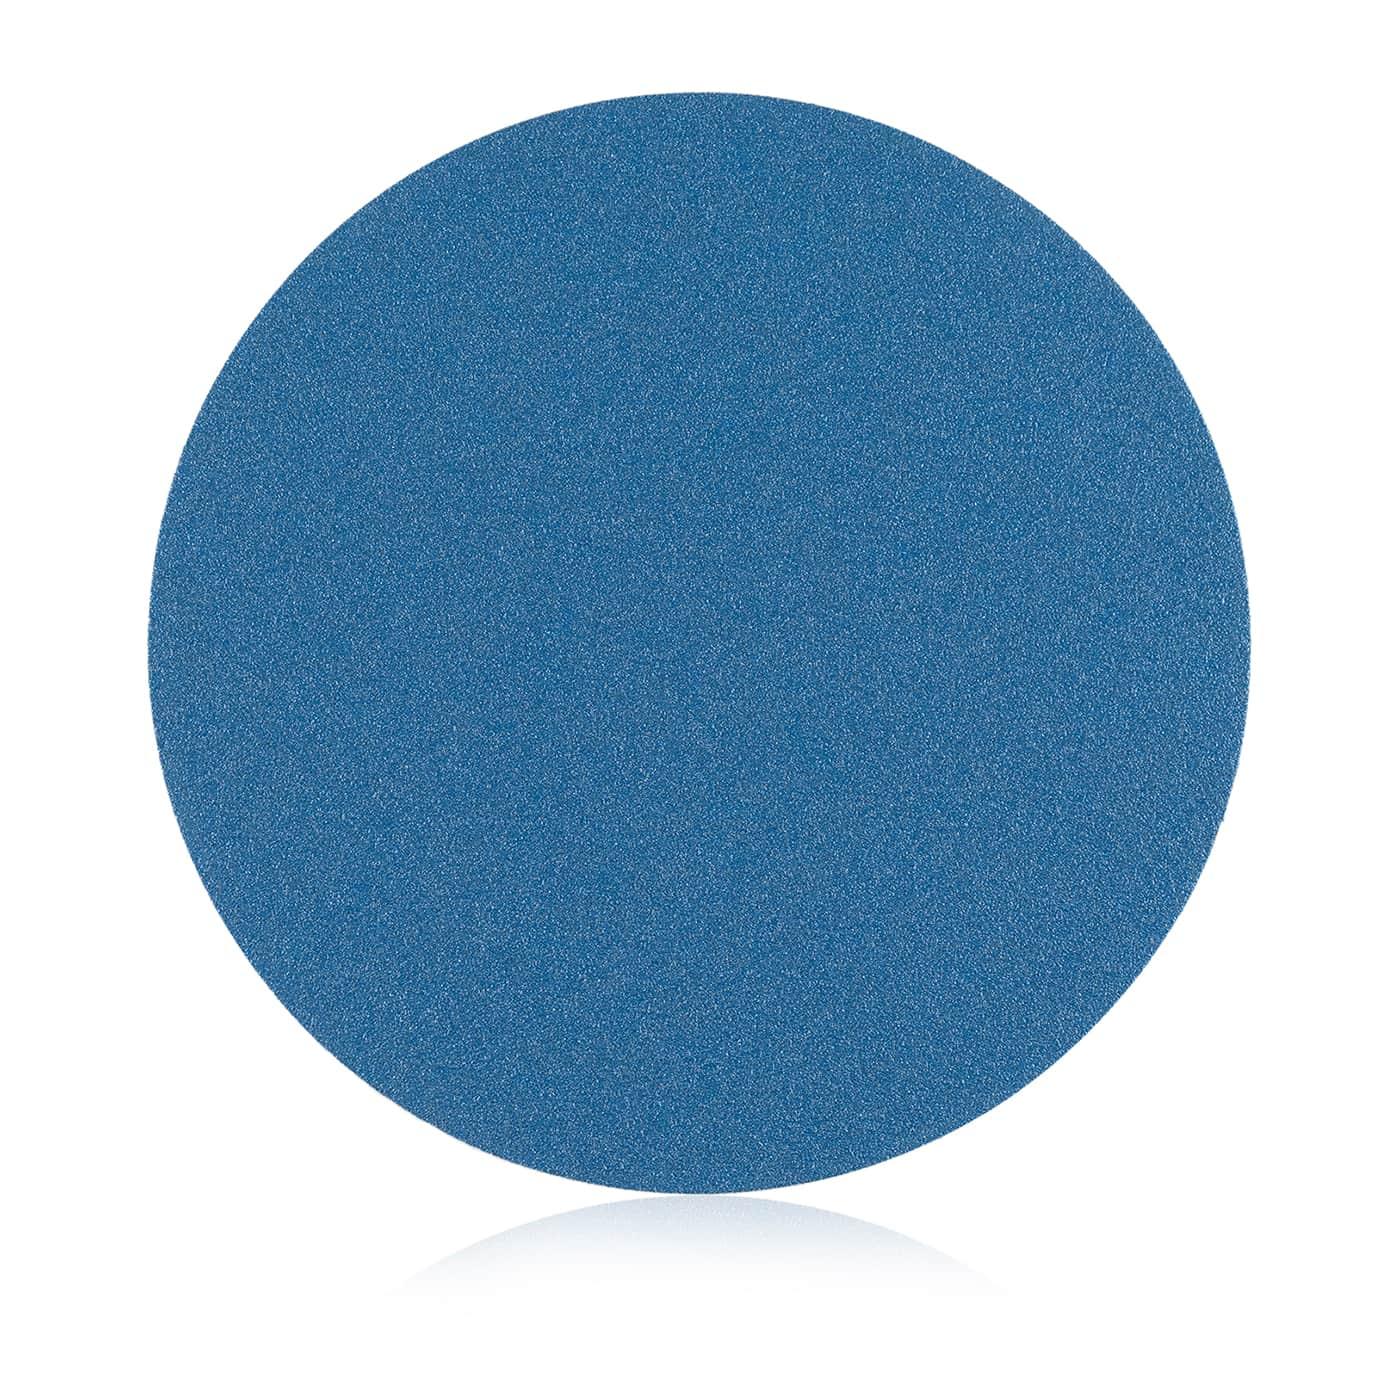 635 ZX zirconia velour discs